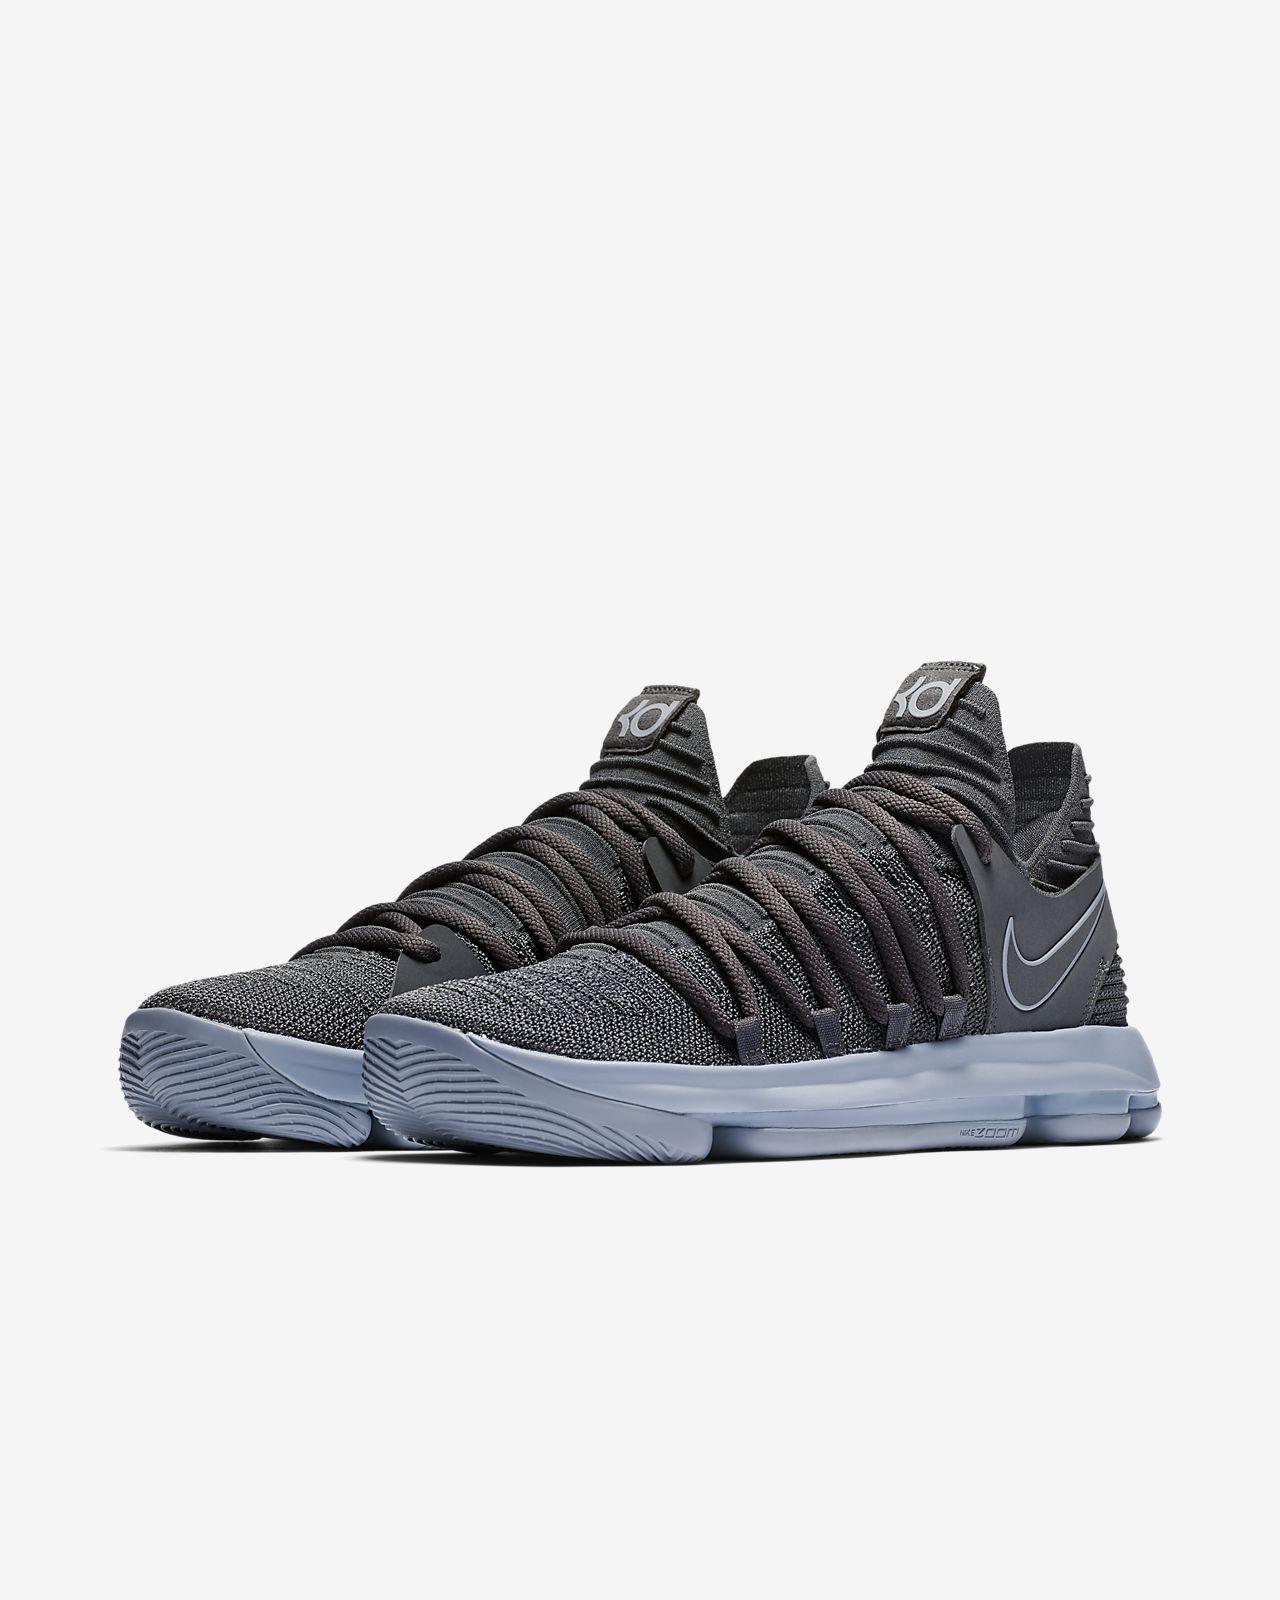 Nike Zoom KDX Basketball Shoe #basketballshoes